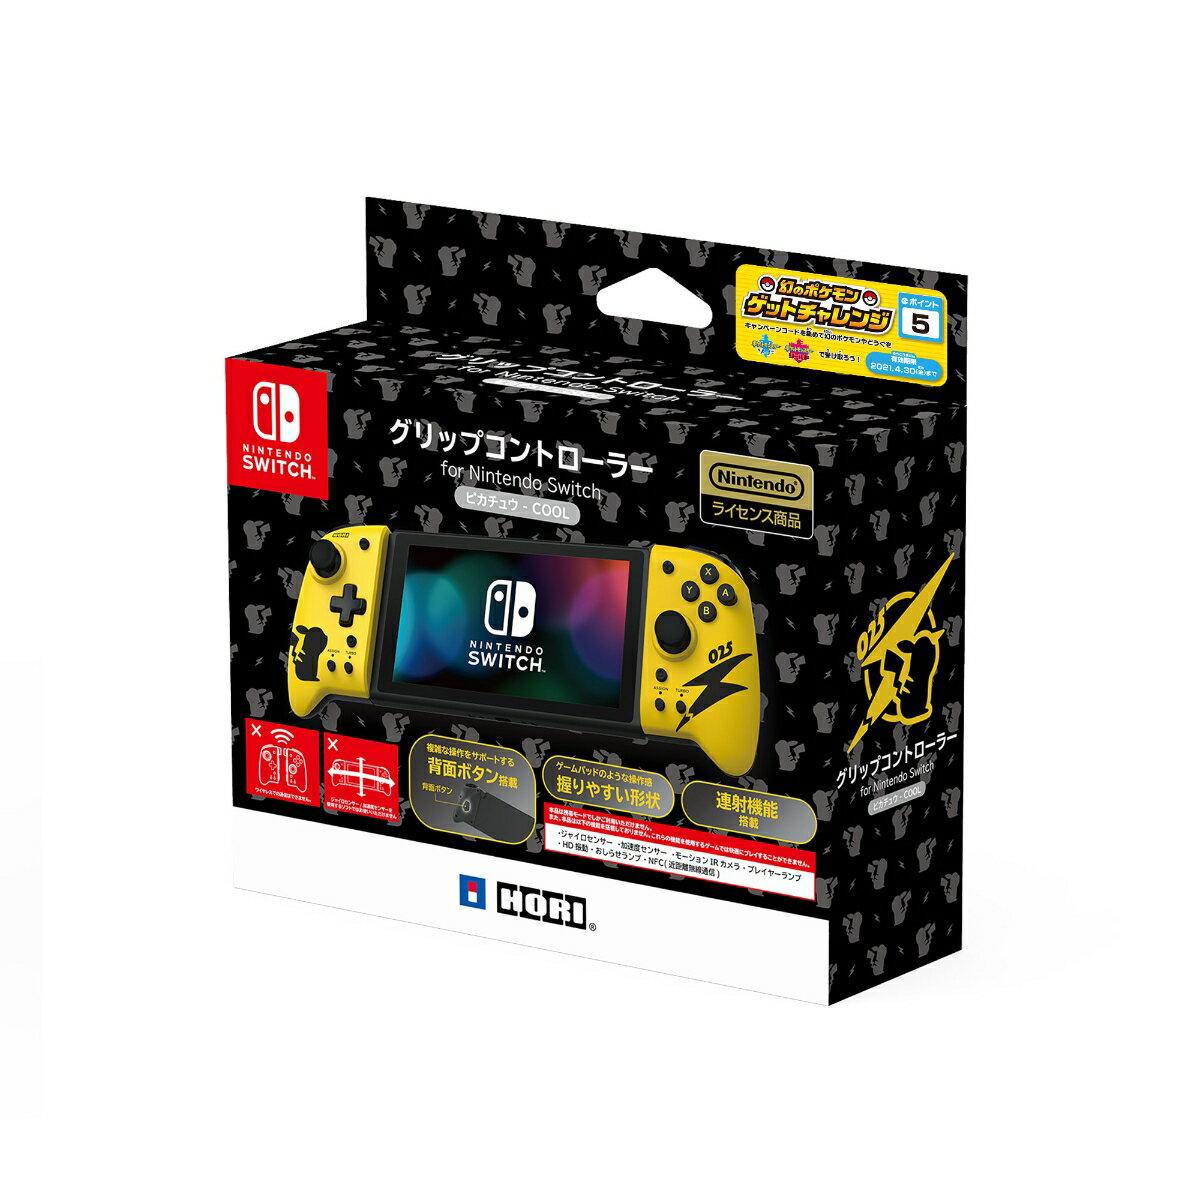 グリップコントローラー for Nintendo Switch ピカチュウ - COOL